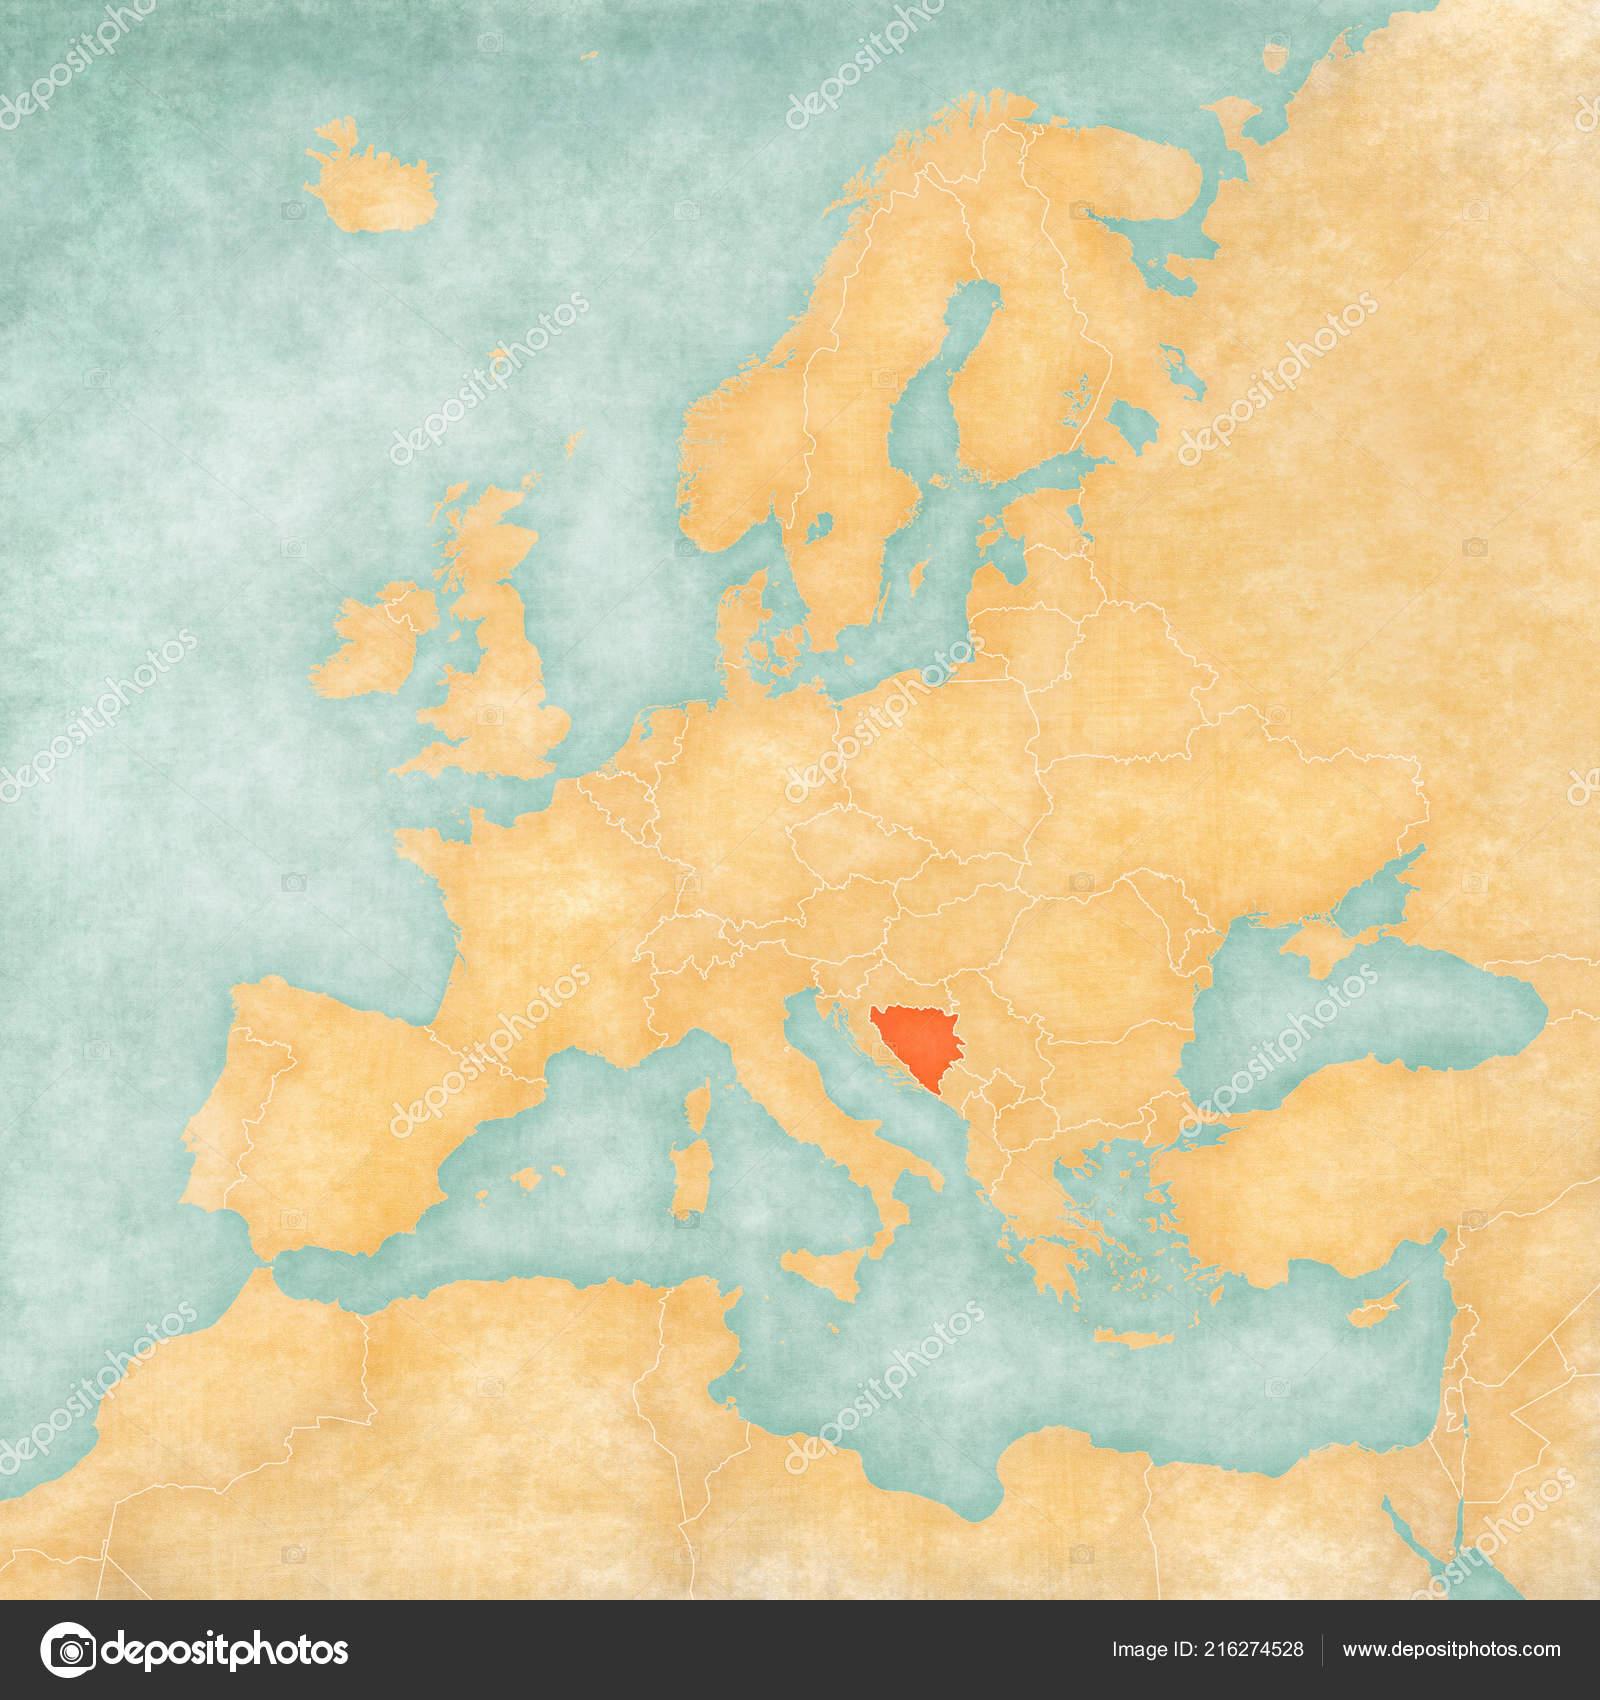 Image of: Bosnia Herzegovina Map Europe Soft Grunge Vintage Style Old Paper Stock Photo C Tindo 216274528